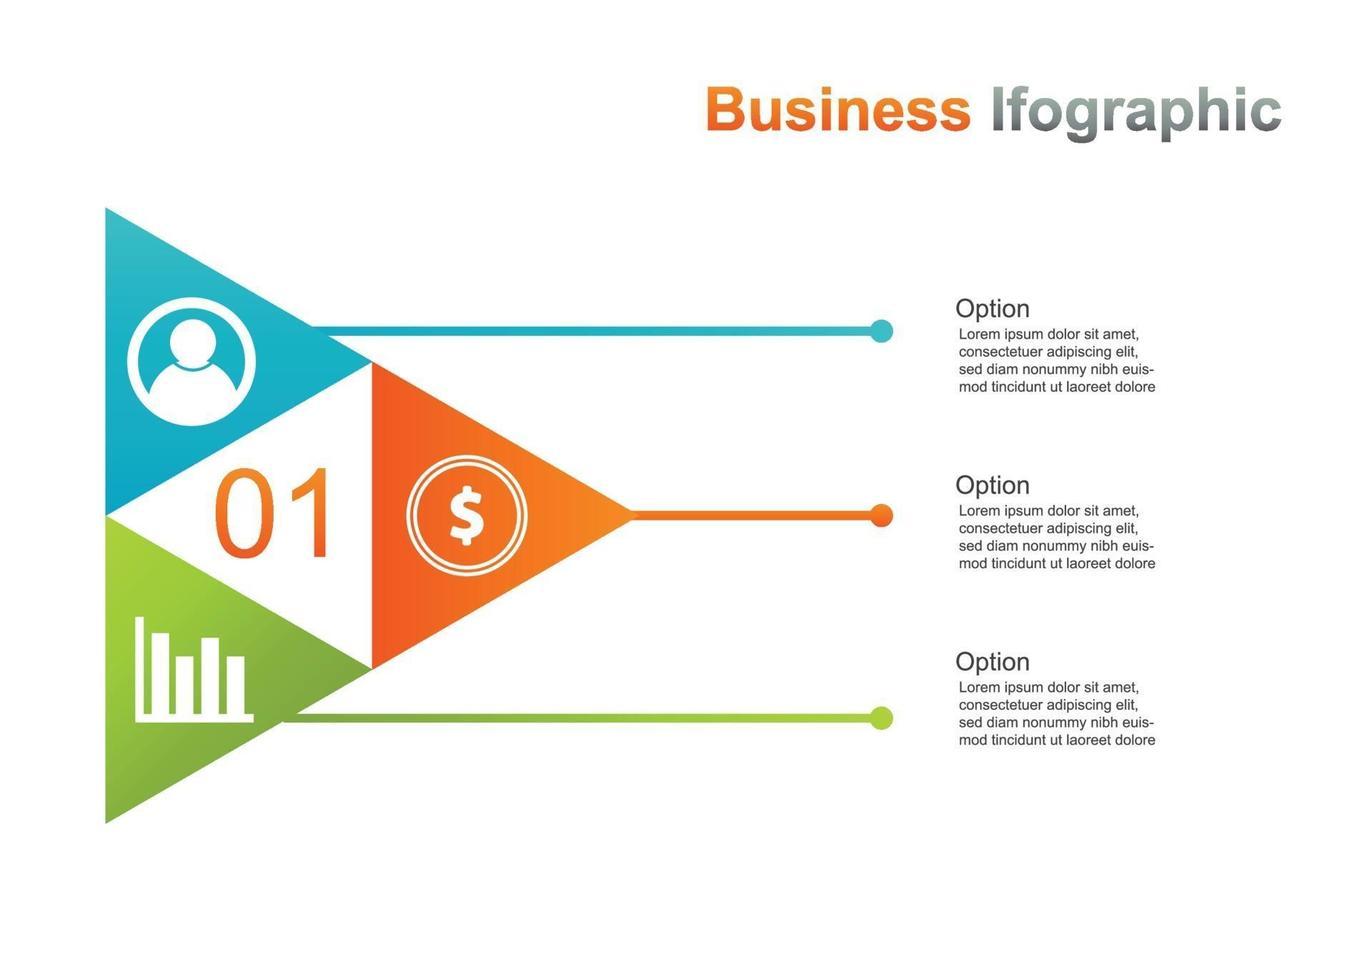 Business Infograpic Design Vorlage. Infografik-Vektorillustration mit 3 Optionen. Perfekt für Marketing, Werbung und Präsentationsdesign vektor